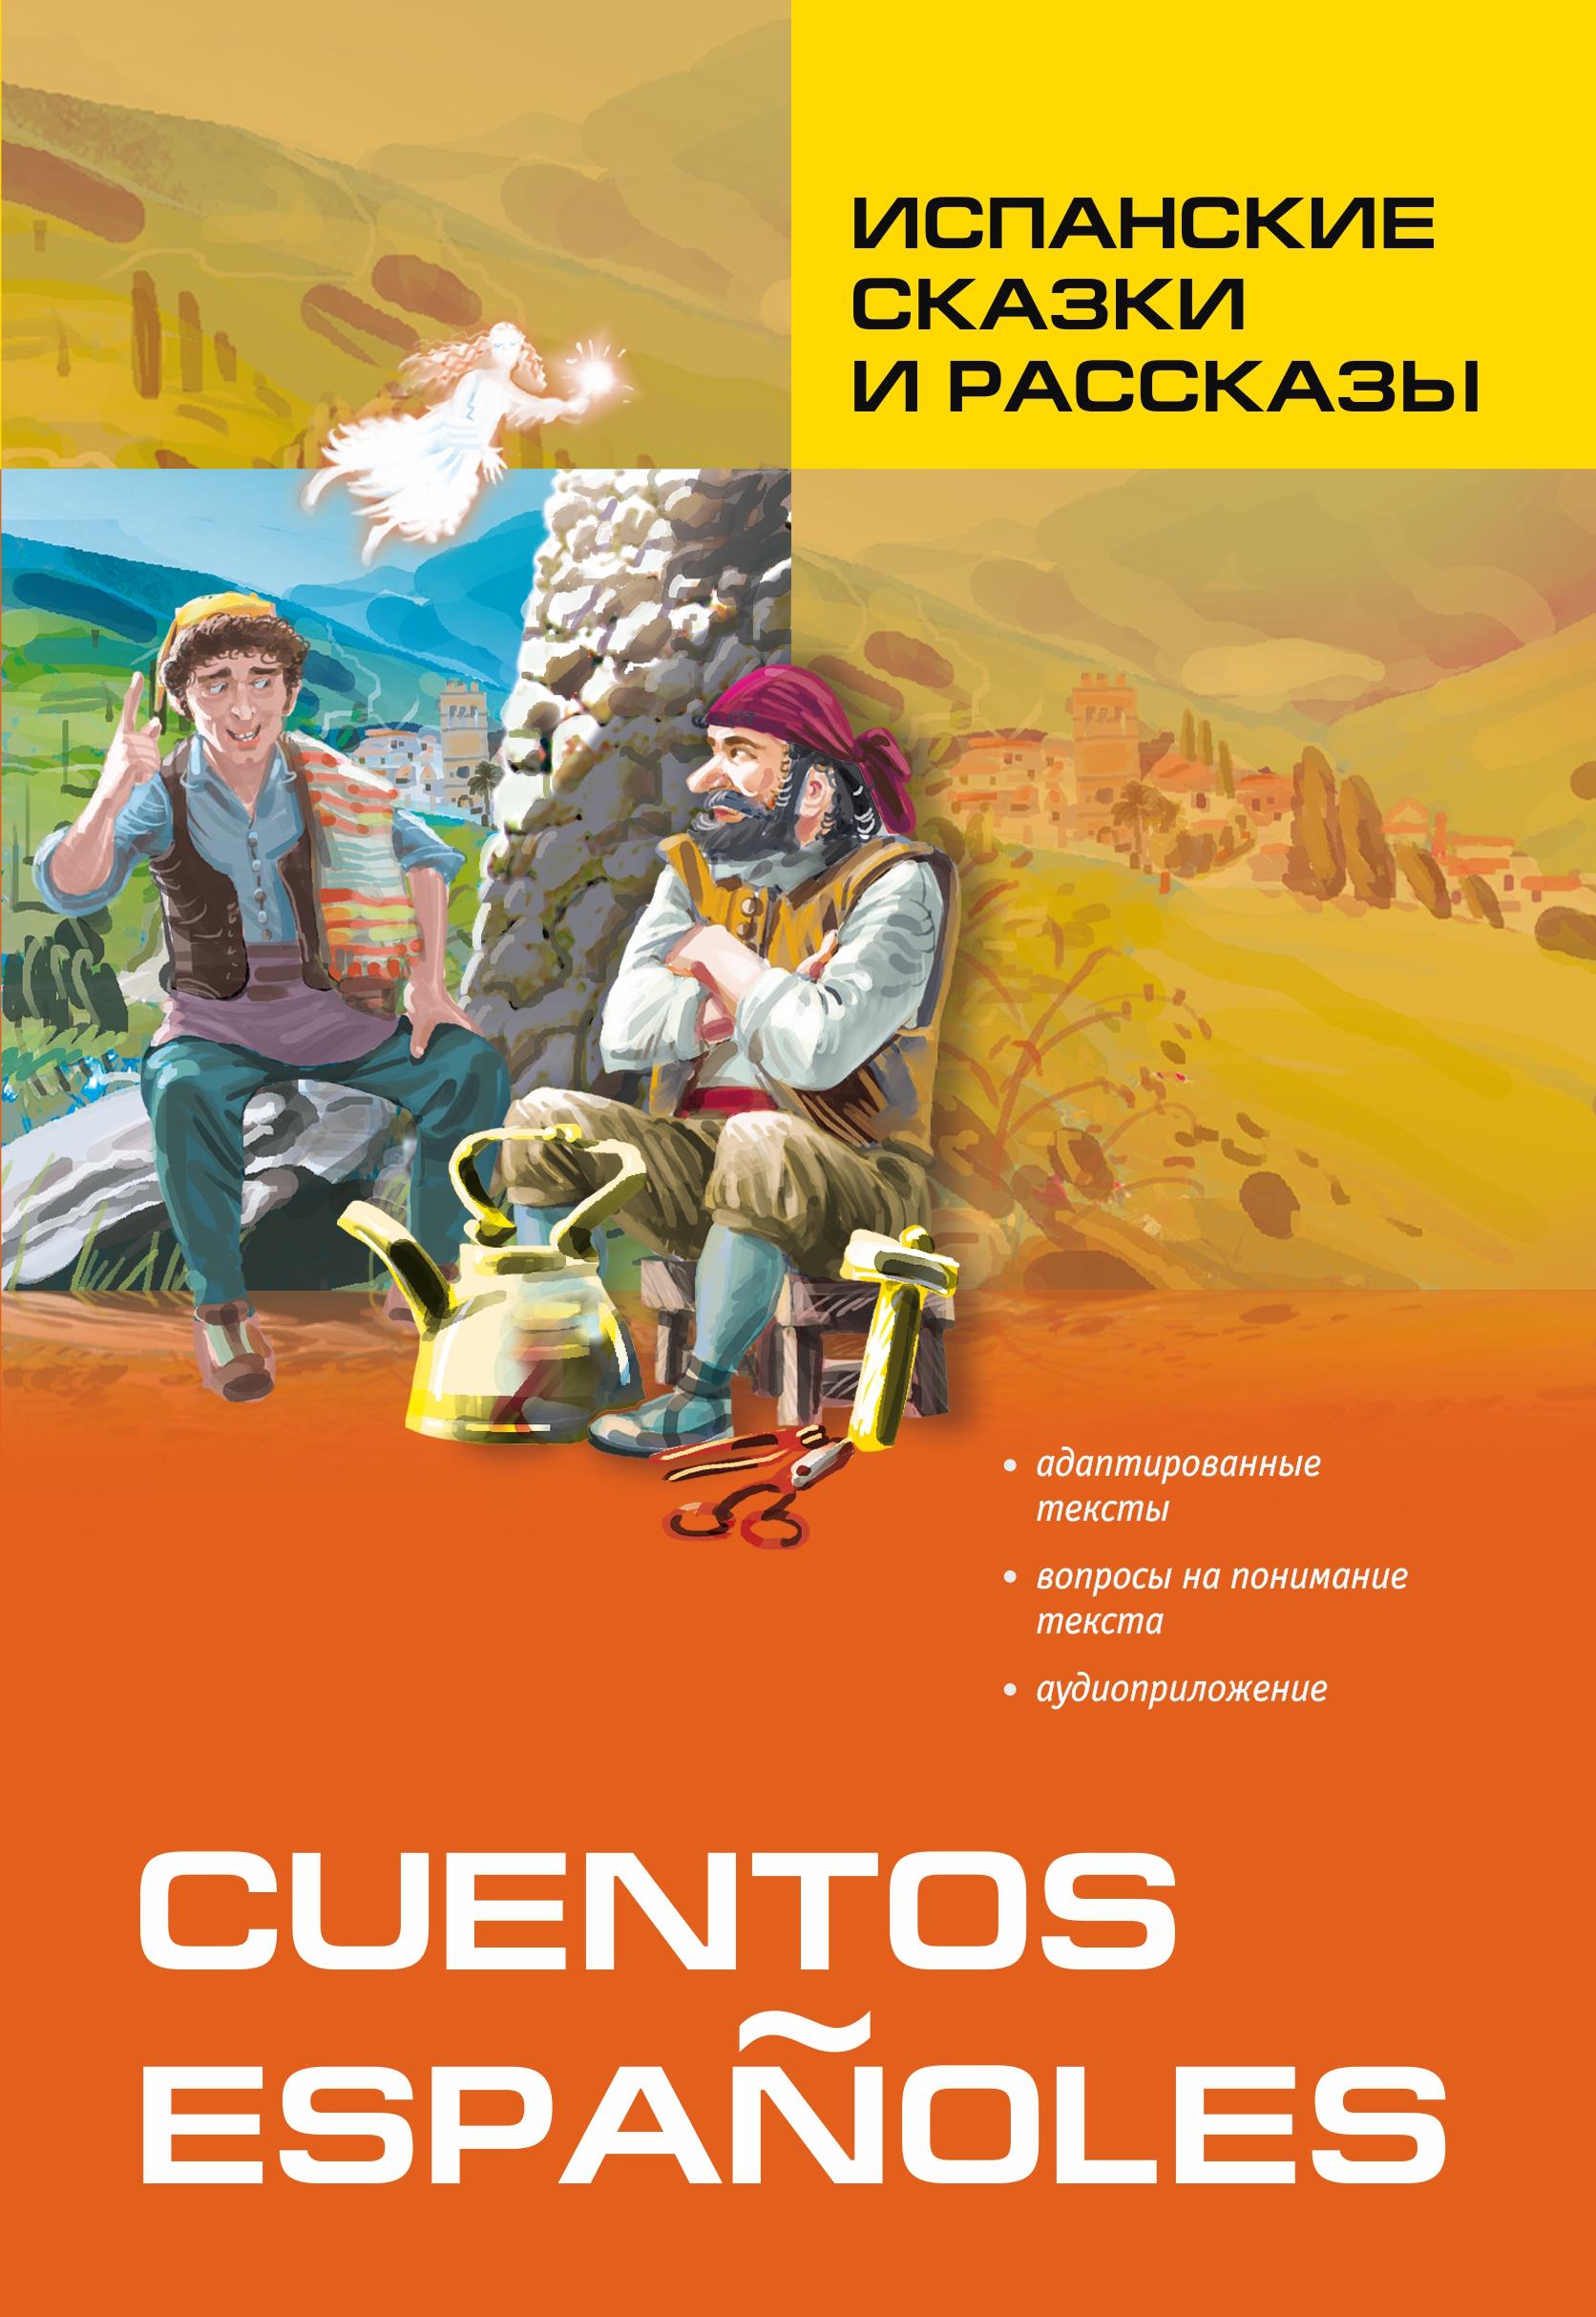 Отсутствует Испанские сказки и рассказы. Книга для чтения на испанском языке альенде и история евы луны книга для чтения на испанском языке